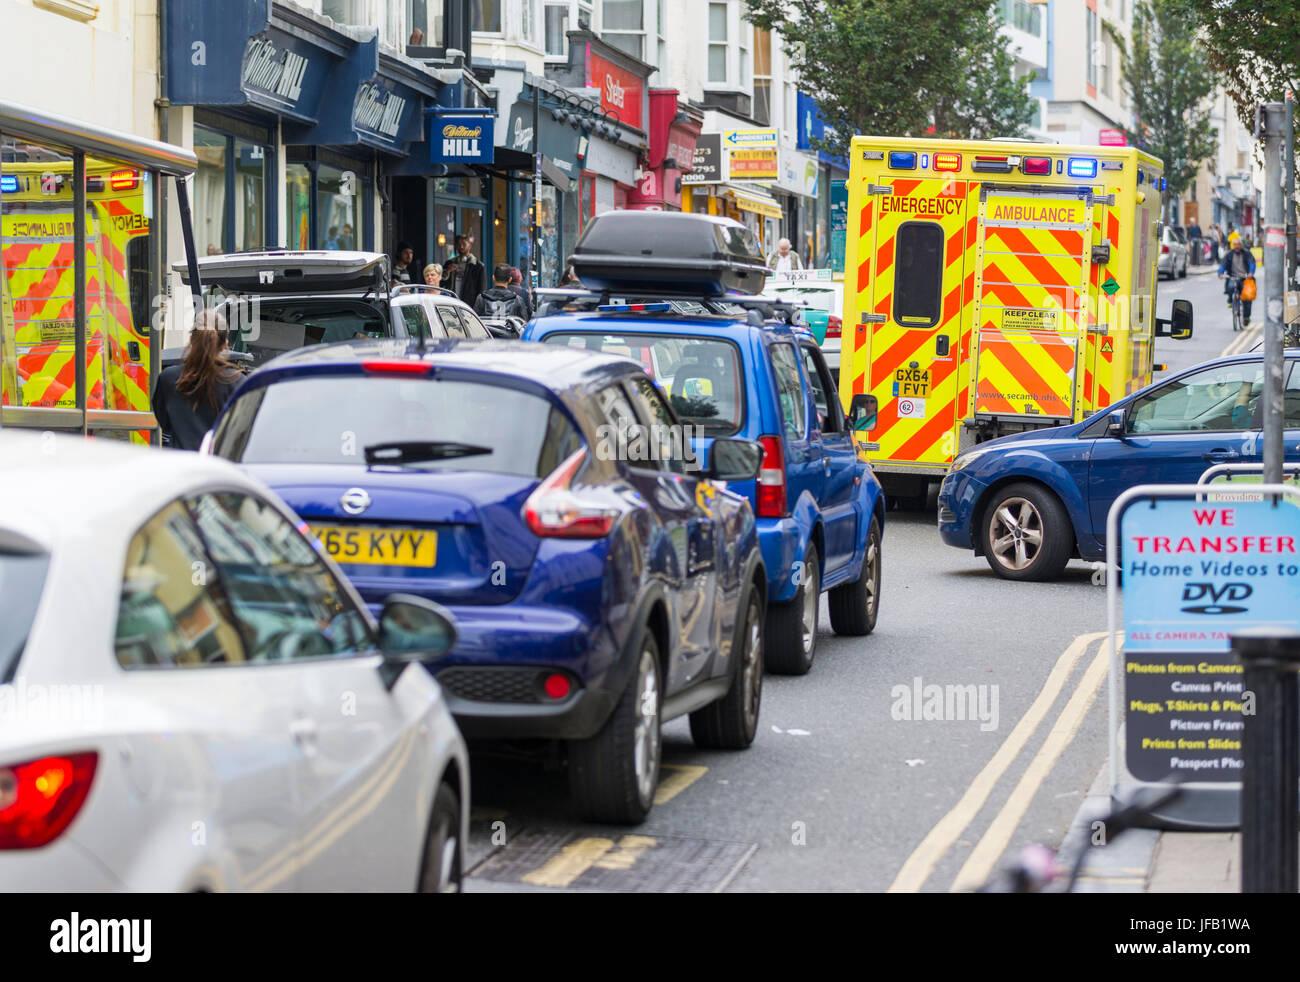 Ambulanza con luci blu su parcheggiata in una strada bloccando il traffico nel Regno Unito. Immagini Stock